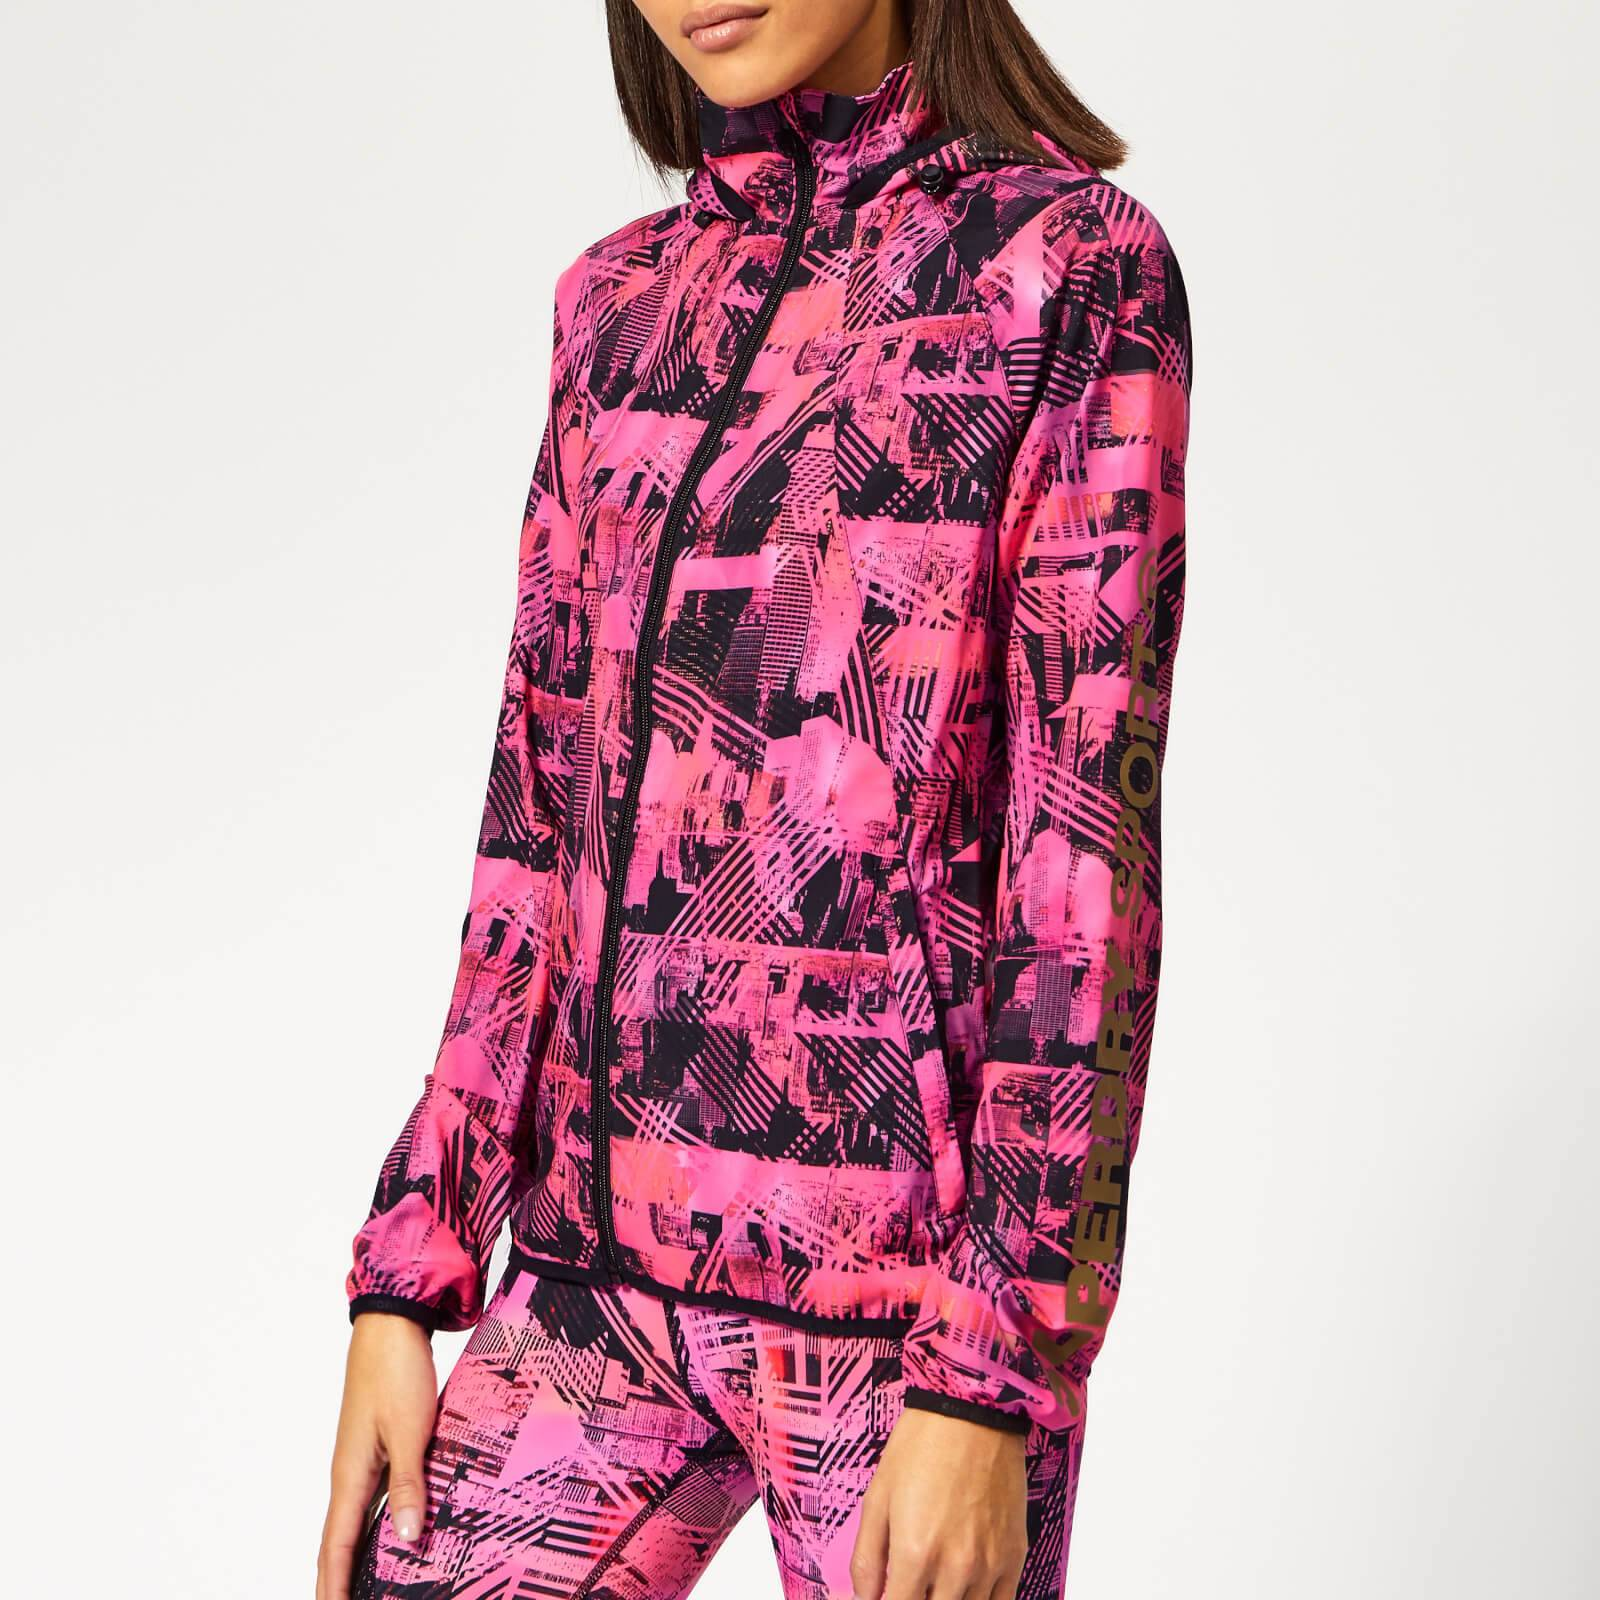 Superdry Sport Women's Active Lightweight Jacket - Splice City Print - UK 14 - Pink